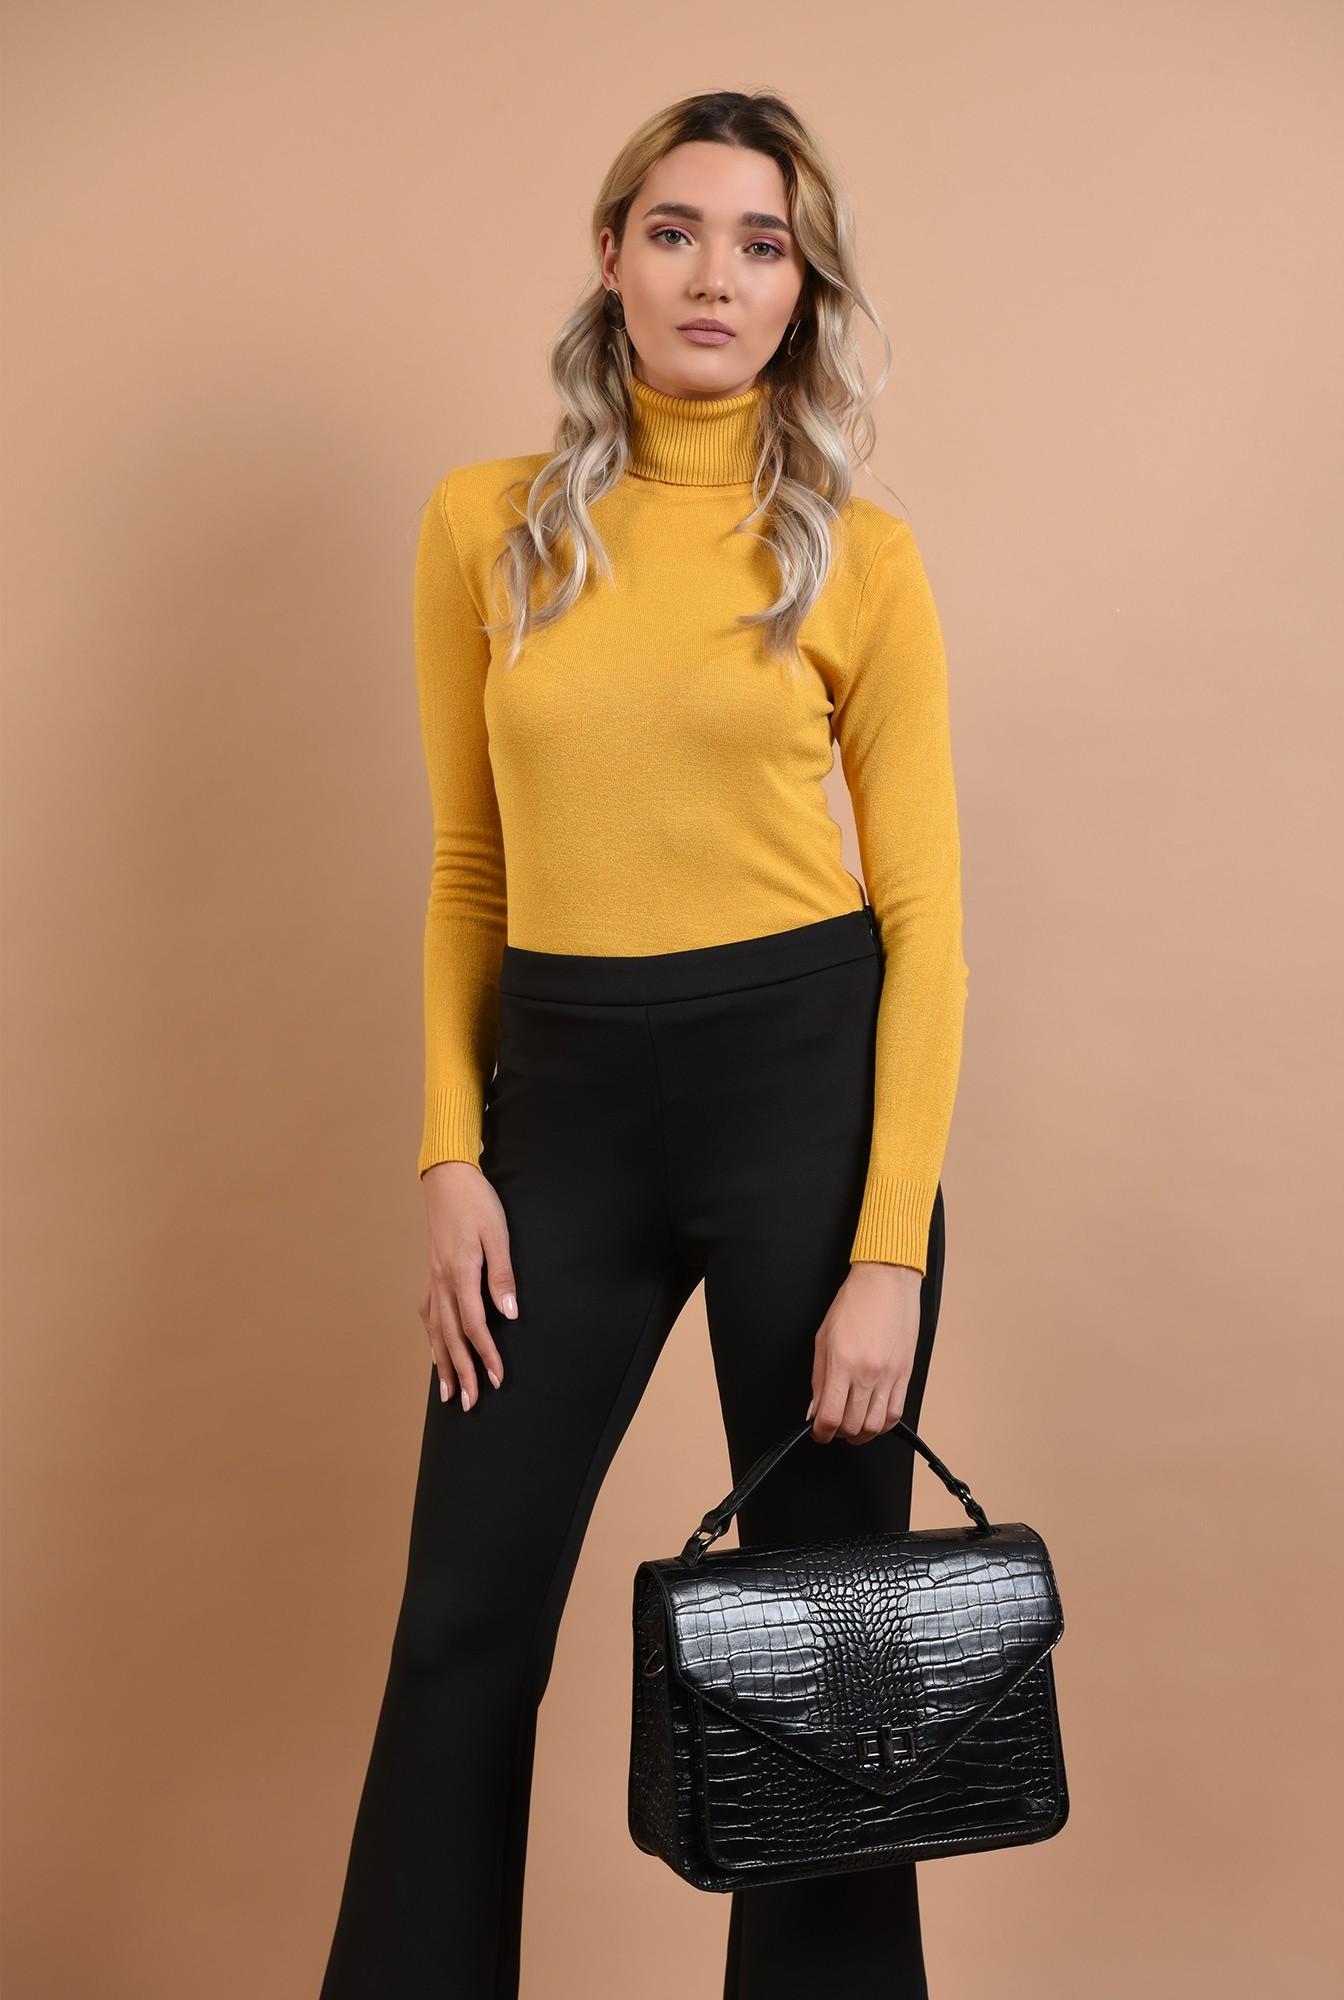 0 - pulover mustar, casual, galben, Poema, maleta cu guler reiat